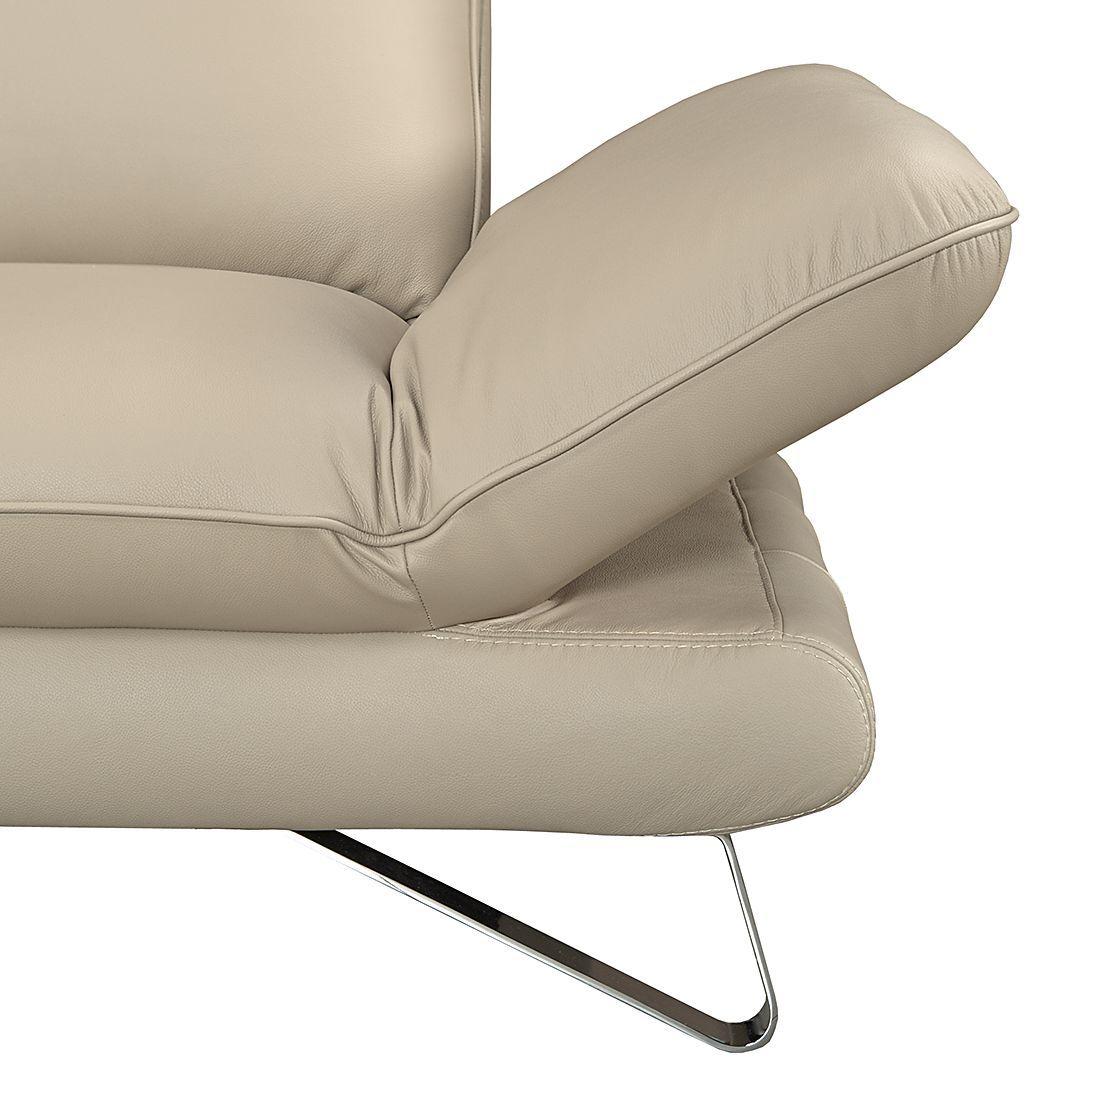 Sofa Enzo 2 5 Sitzer Echtleder Beige Sofa Mit Relaxfunktion Couch Mit Schlaffunktion Sofa Stoff